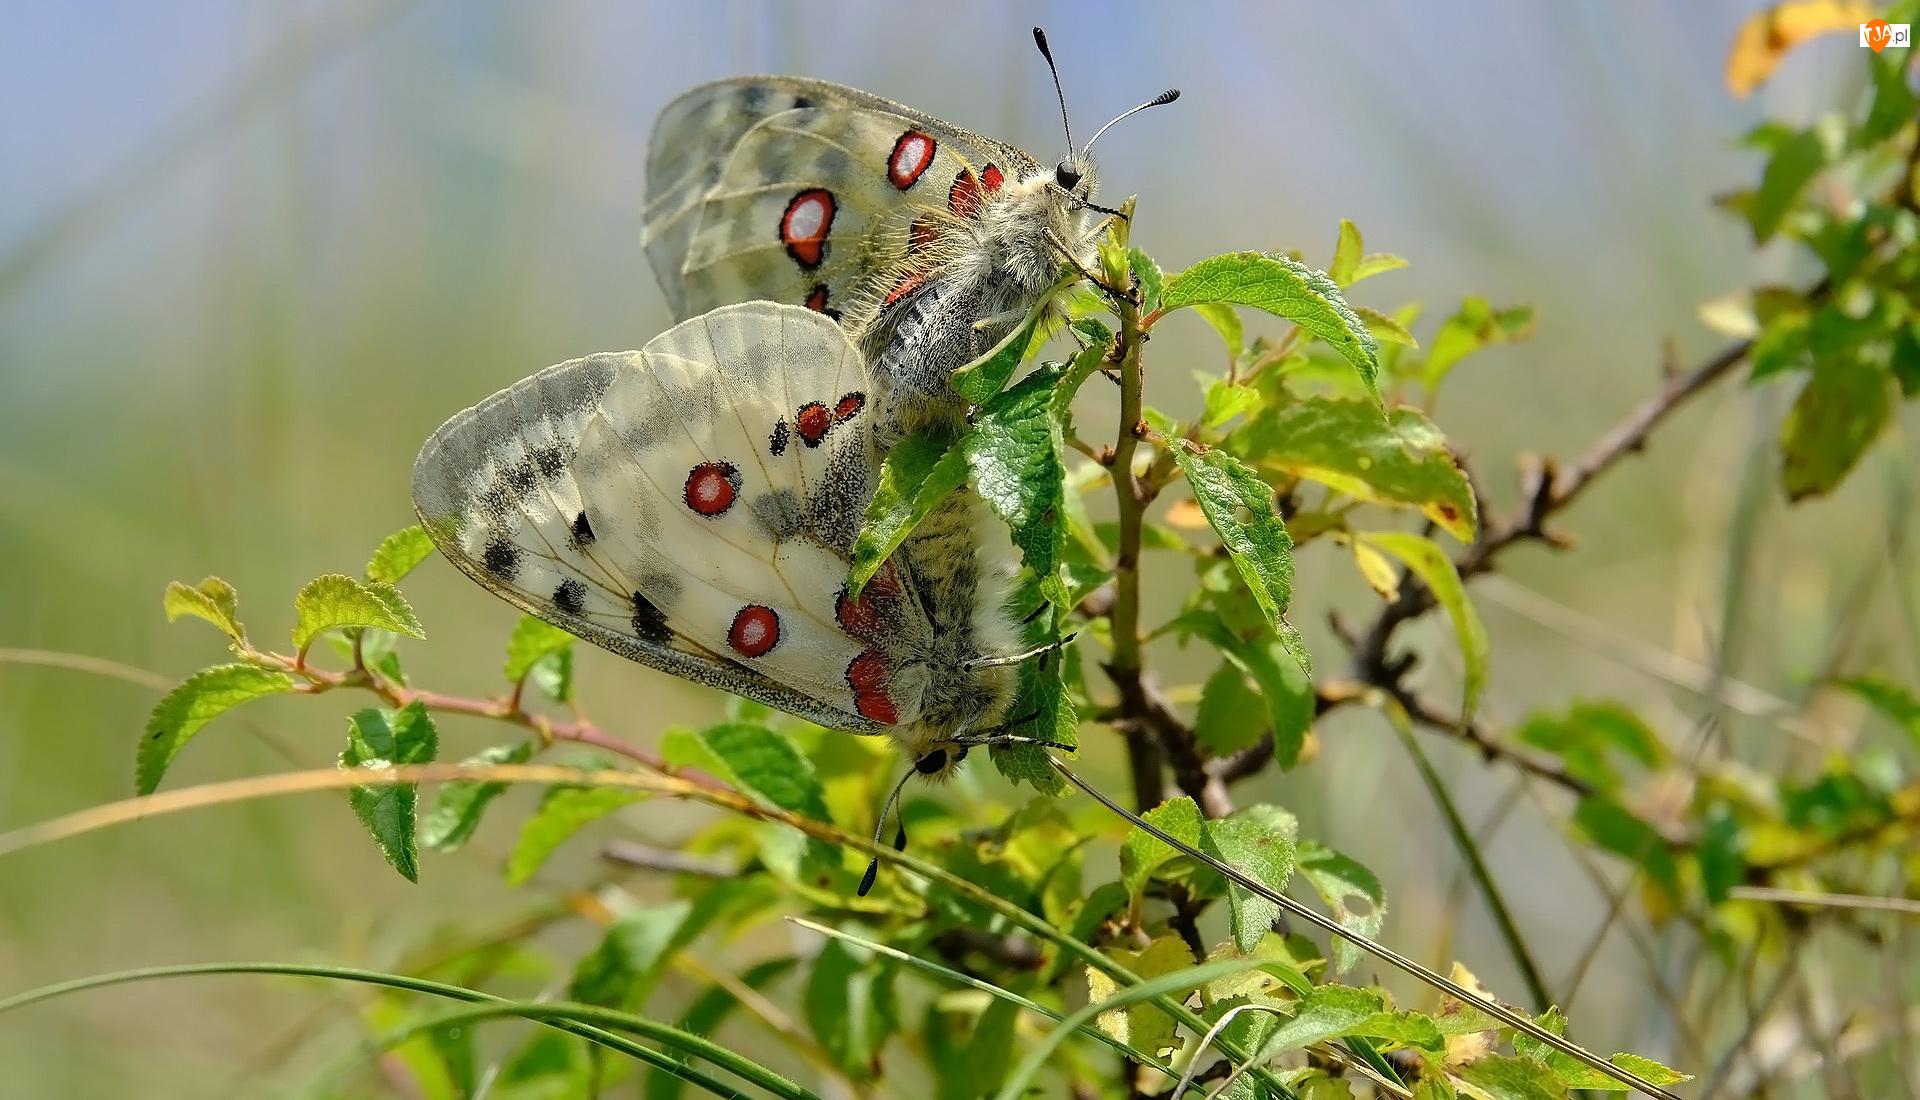 Liście, Motyle, Niepylaki apollo, Roślina